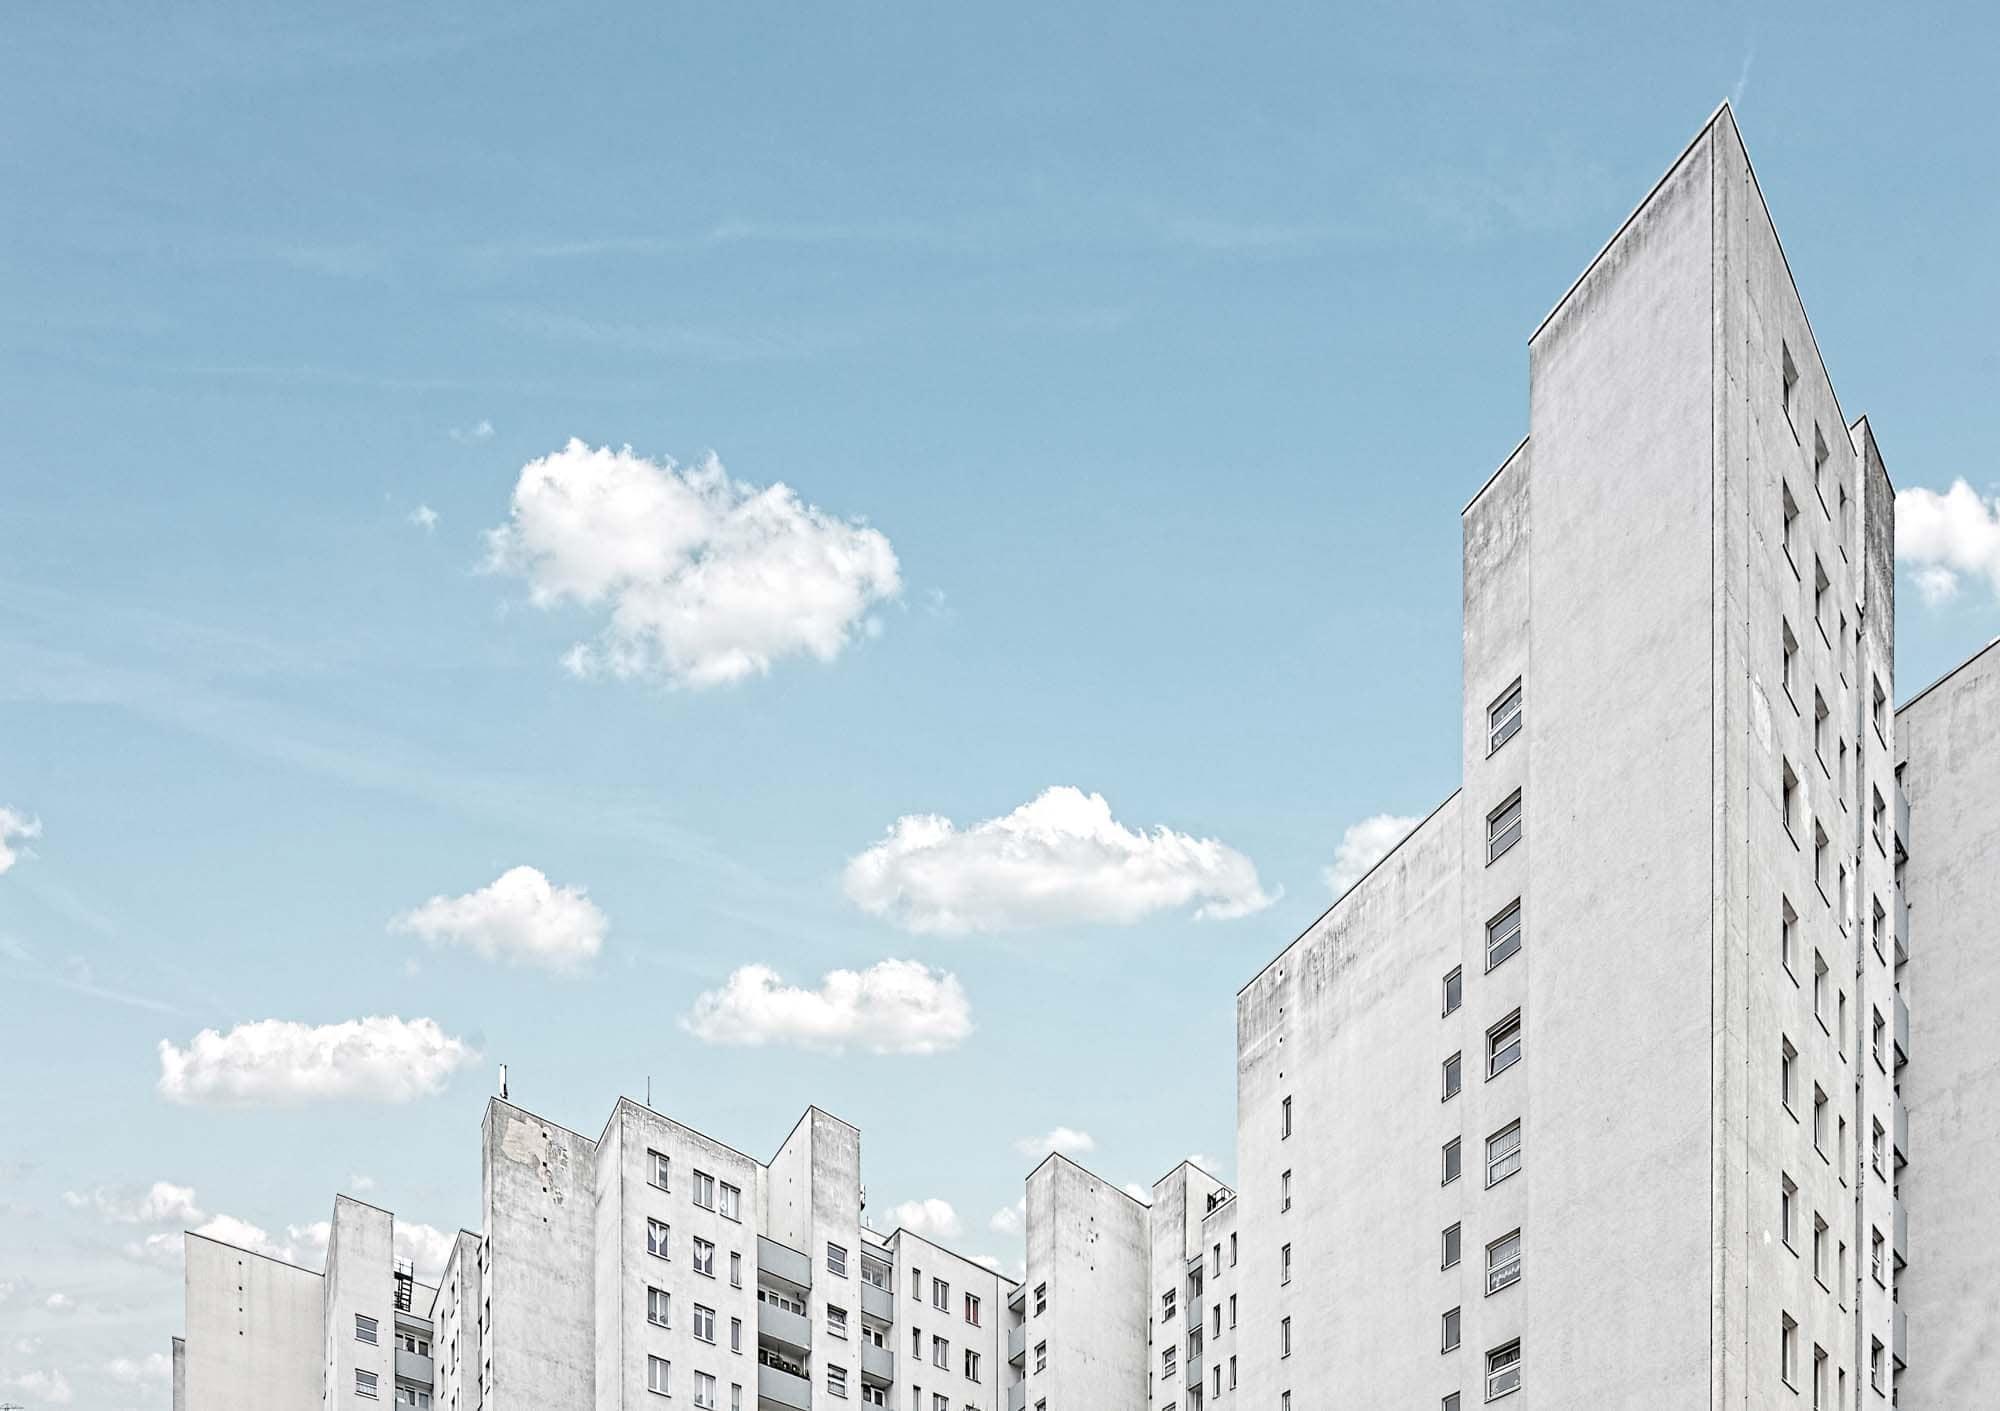 architekturfotografie hier von einer kulisse in berlin marzahn.